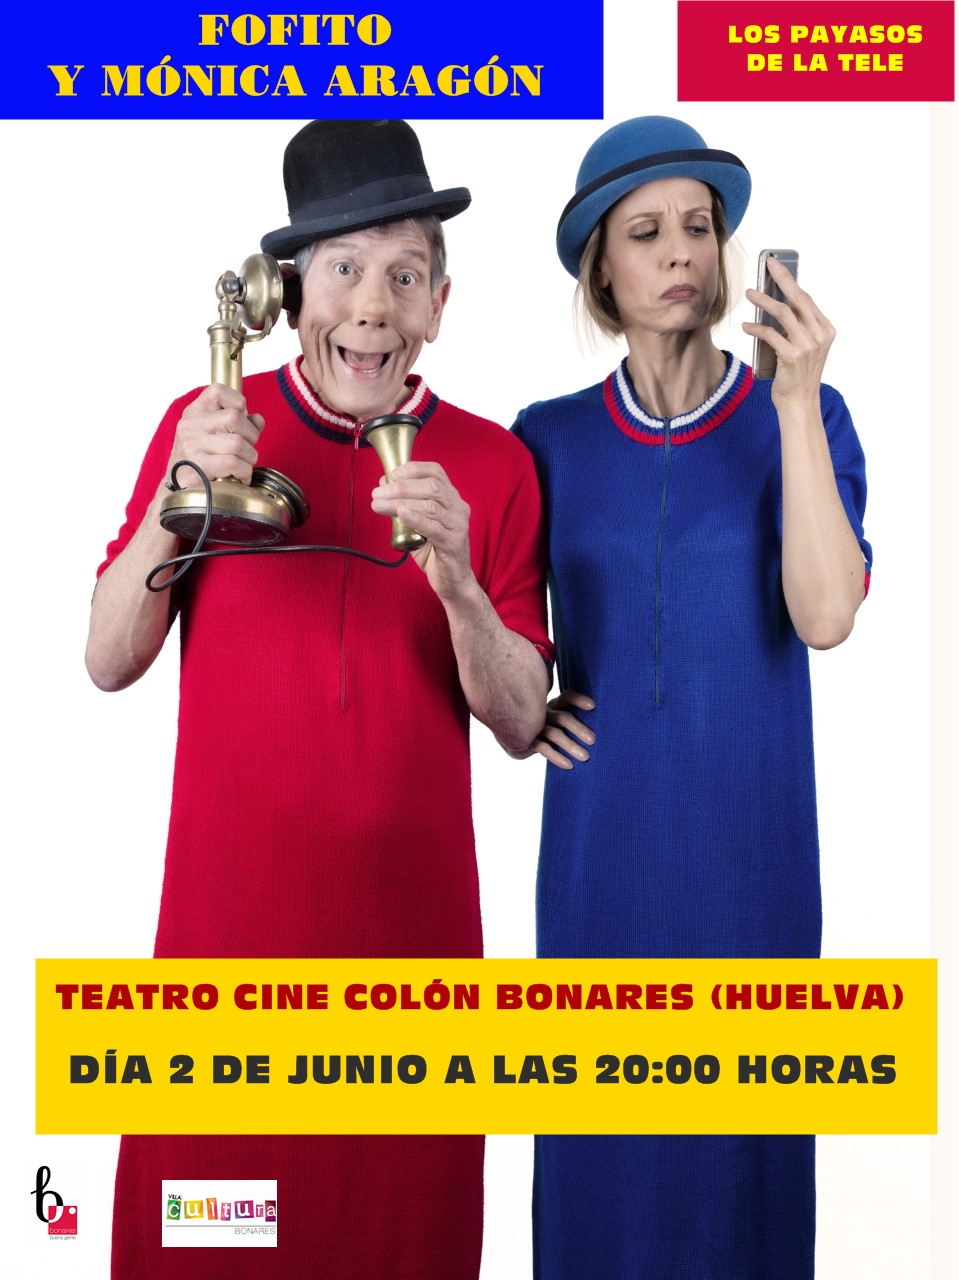 LOS PAYASOS DE LA TELE EN BONARES